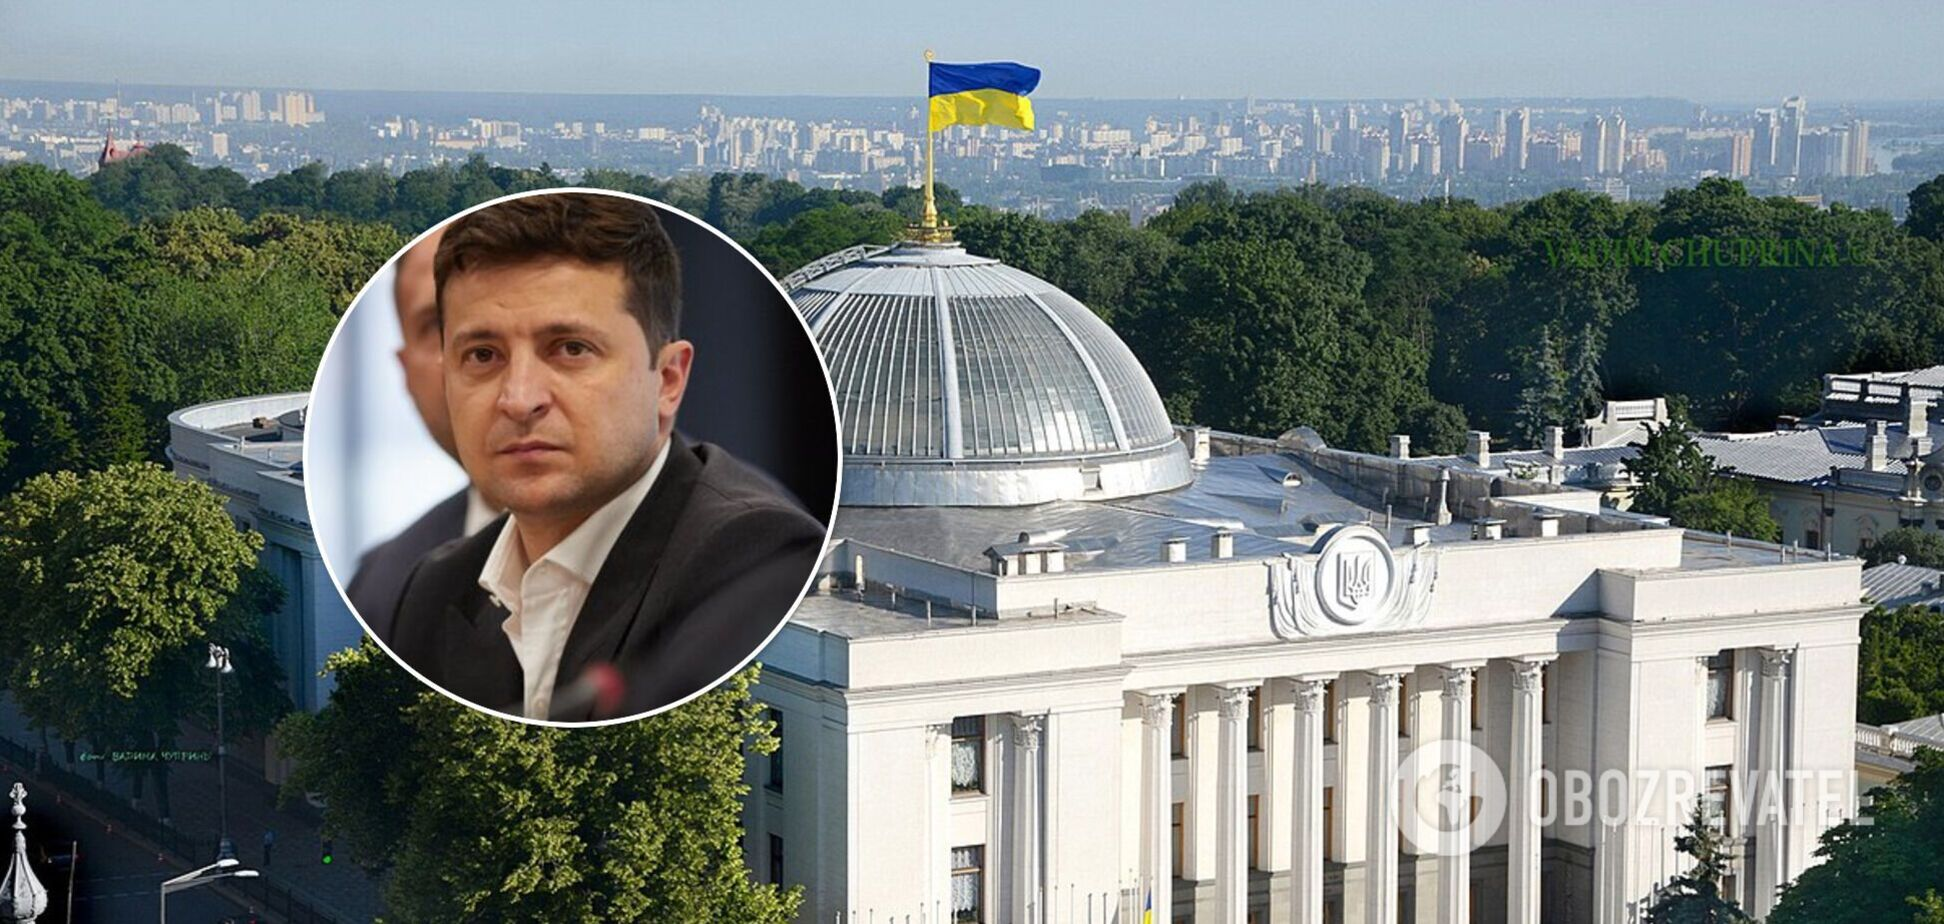 Зеленский решил созвать внеочередное заседание Рады: озвучены планы